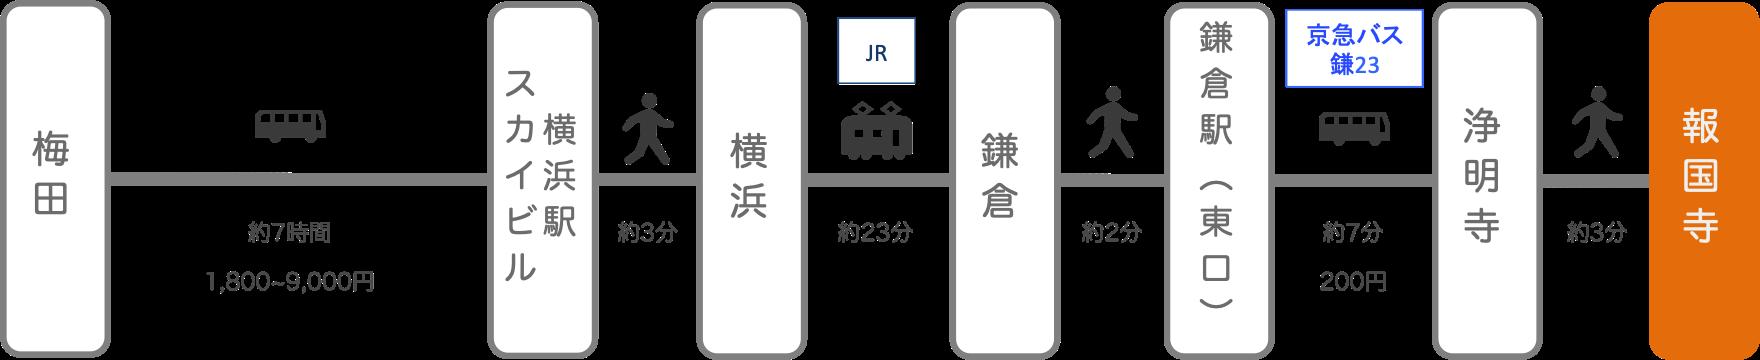 報国寺_大阪_高速バス